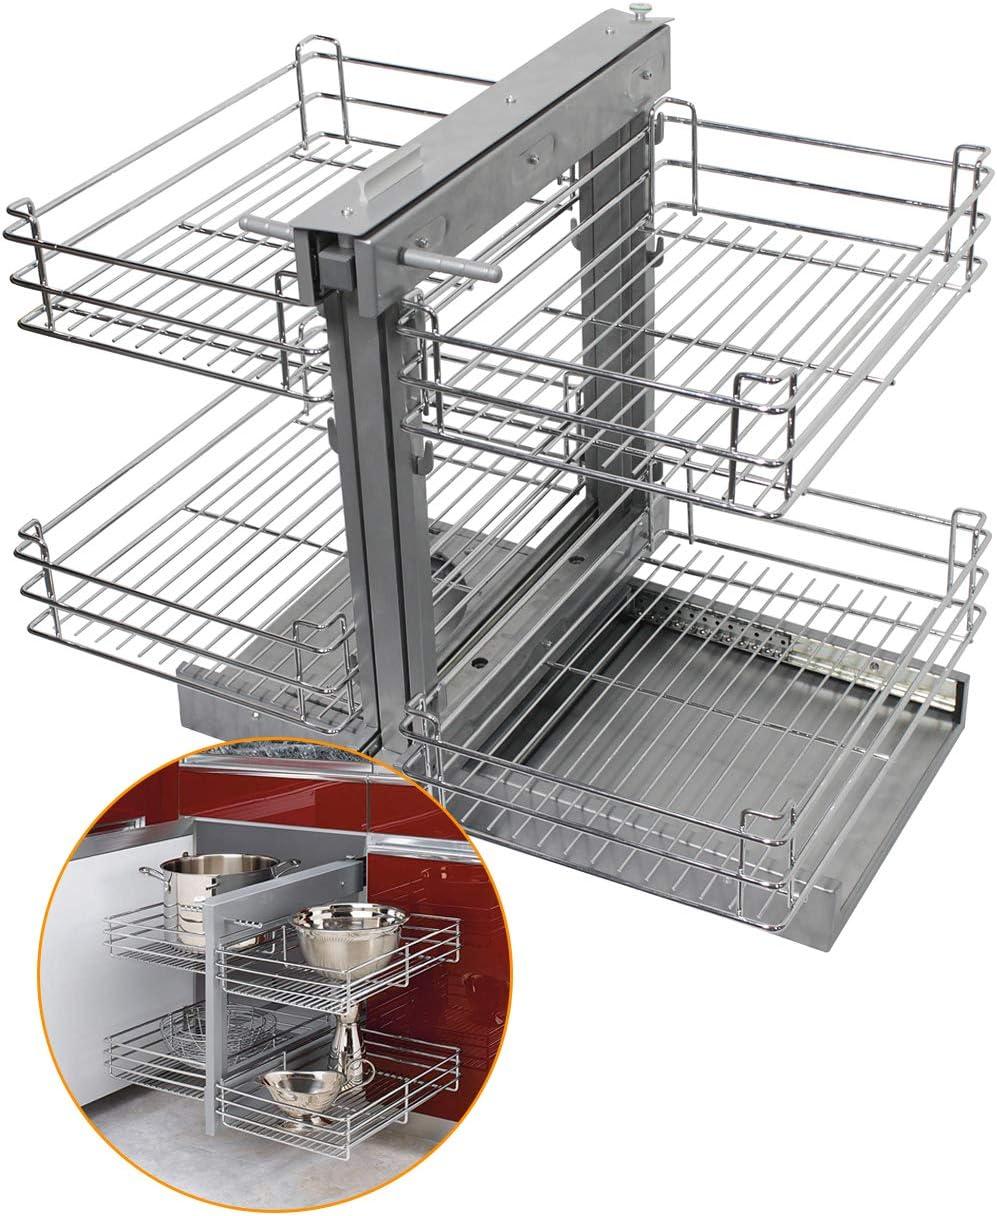 84,6x21,3x8,3 pulgadas Organizador de cesta de alambre cromado de 4 niveles para armario, estantes de platos, cuencos, utensilios de cocina, juego completo de extracción, parte inferior gris: Amazon.es: Hogar